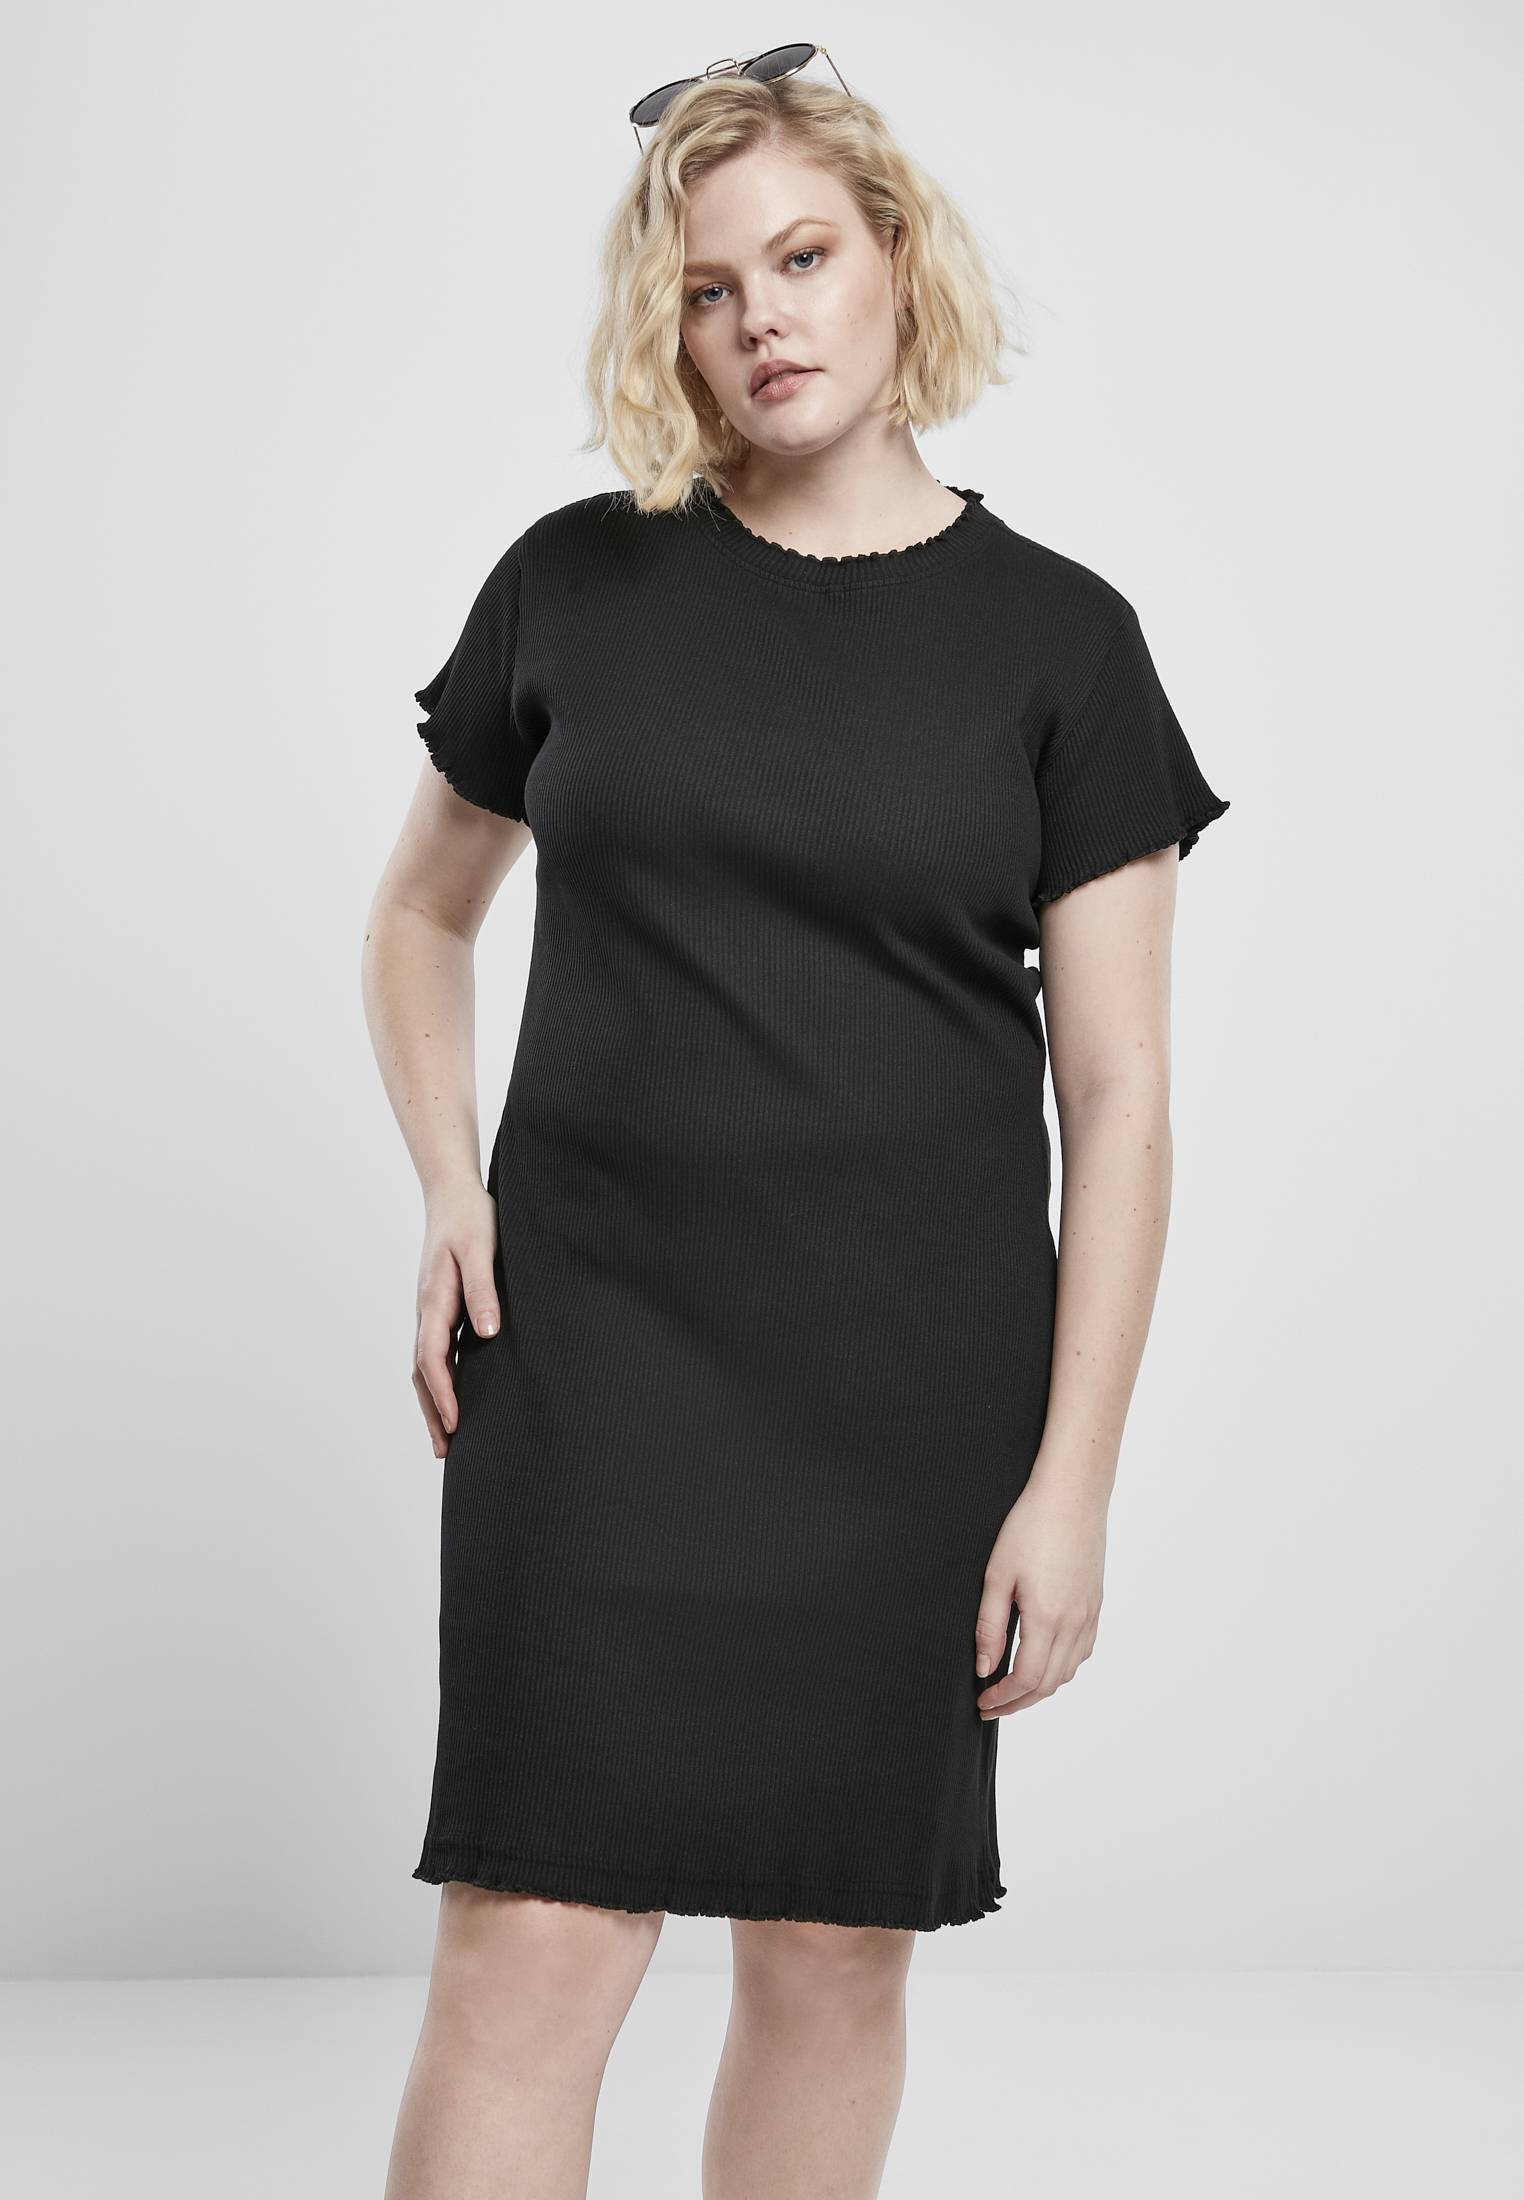 Urban Classics Ladies Rib Tee Dress black - 3XL